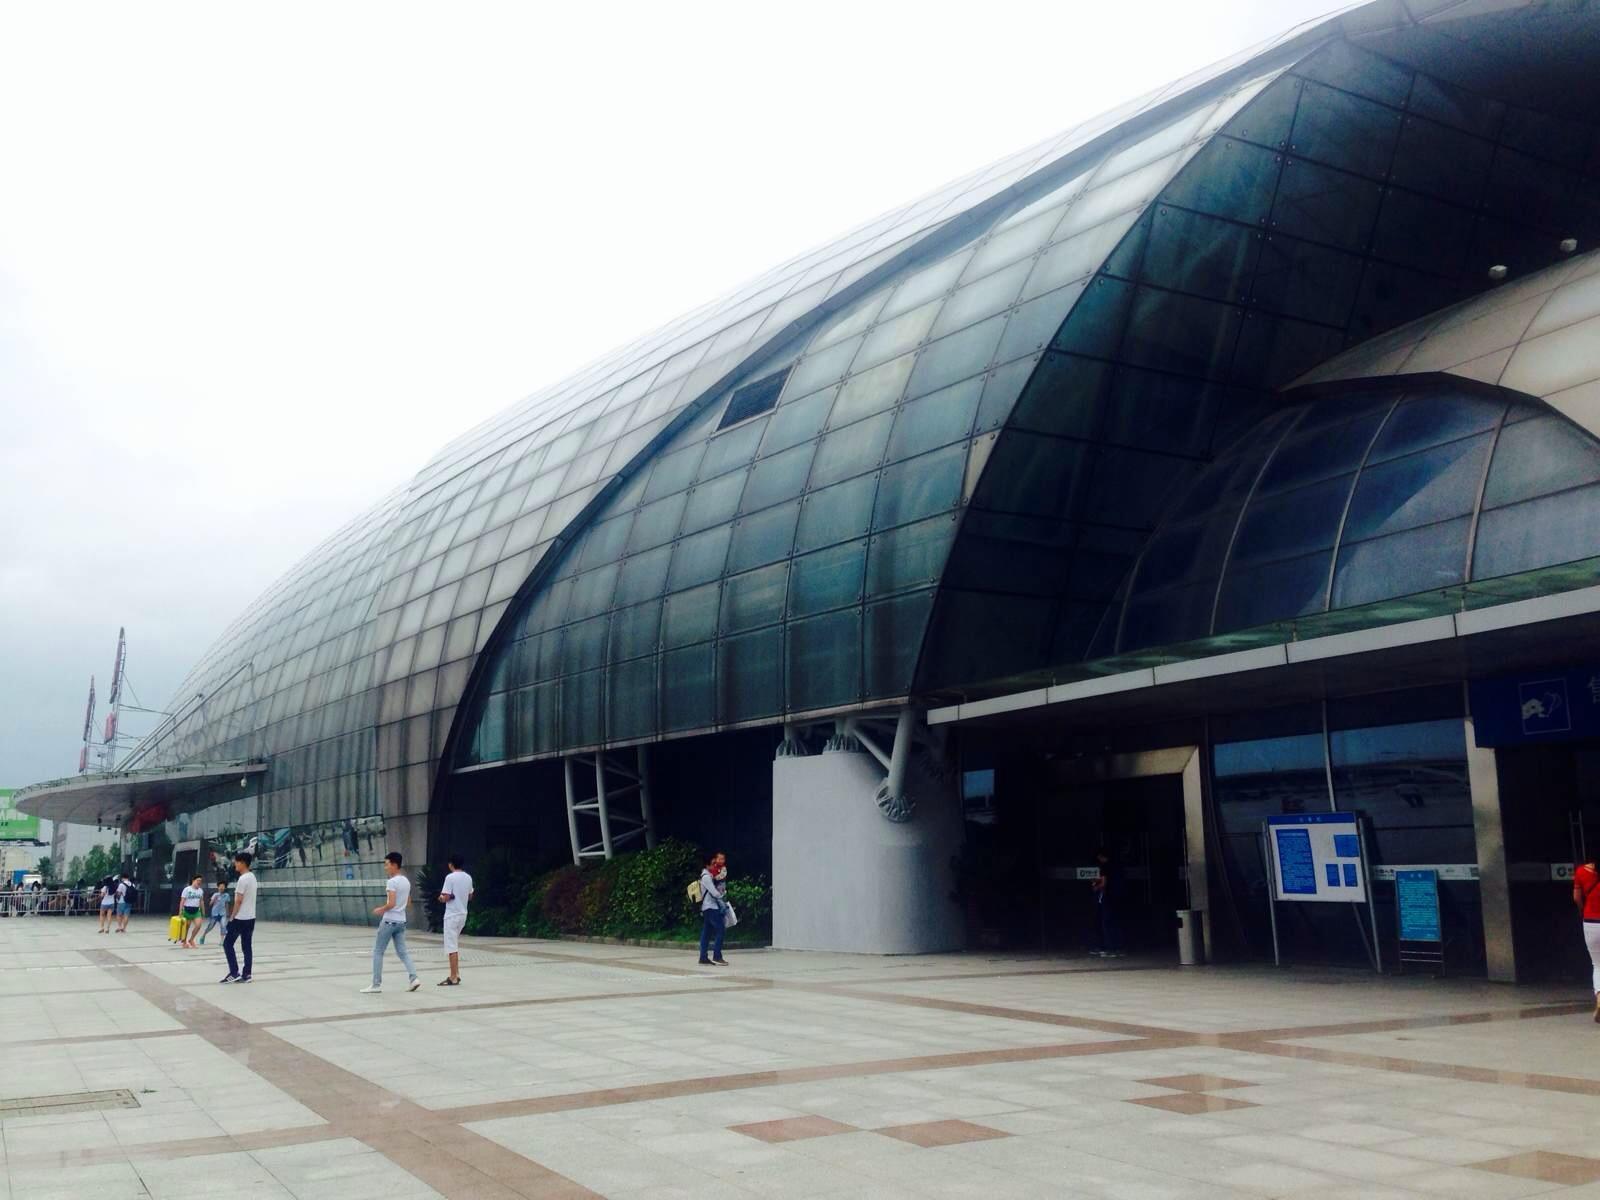 想知道: 南通市 从南通火车站-出站口到如东县怎么坐公交